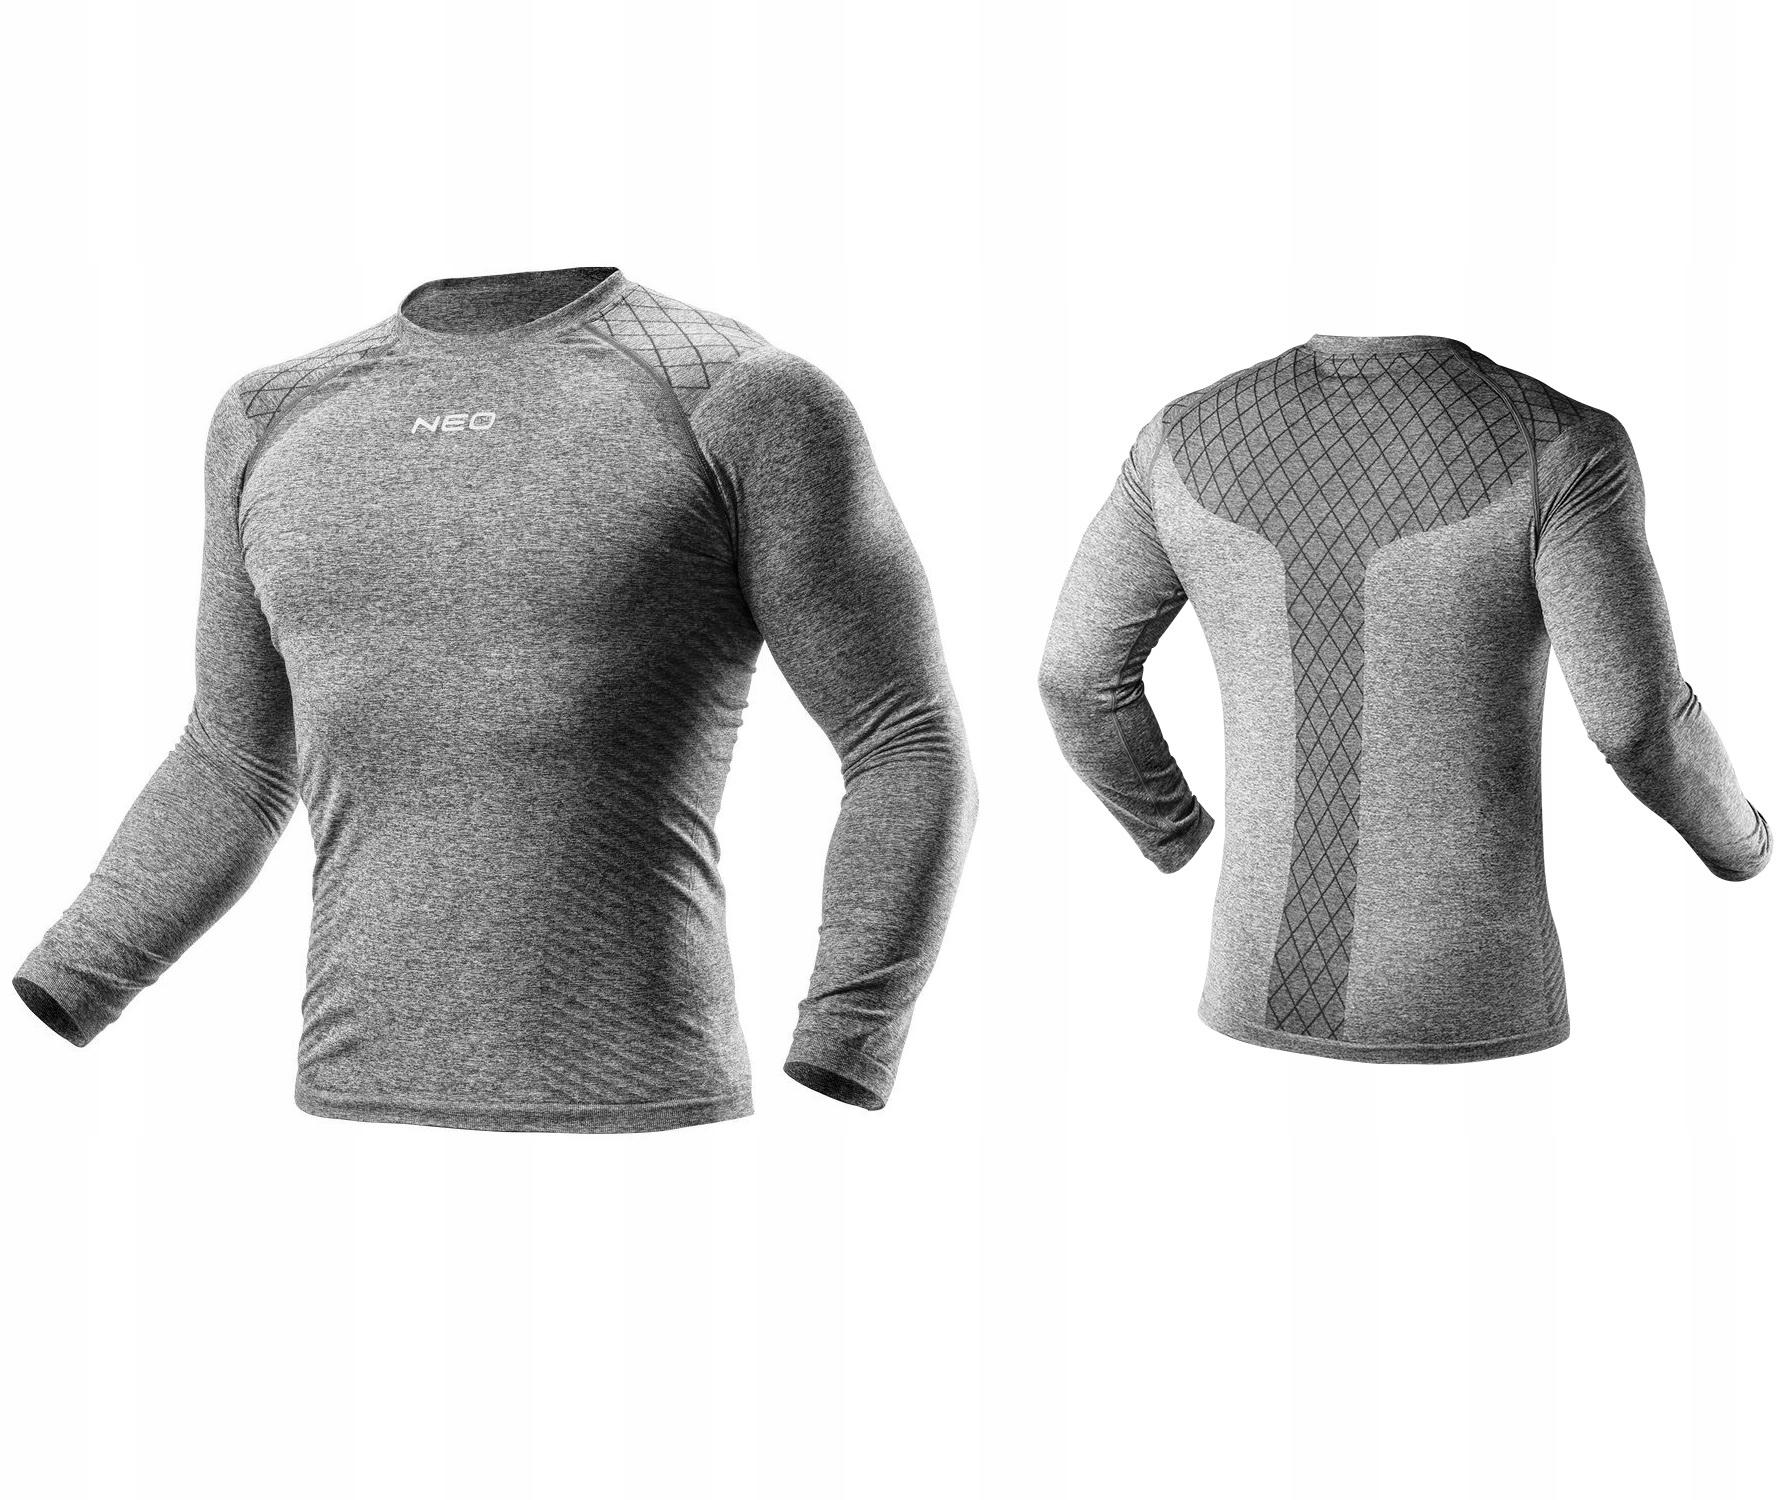 Termoaktívne tričko spodné prádlo 81-660-L / XL NEO